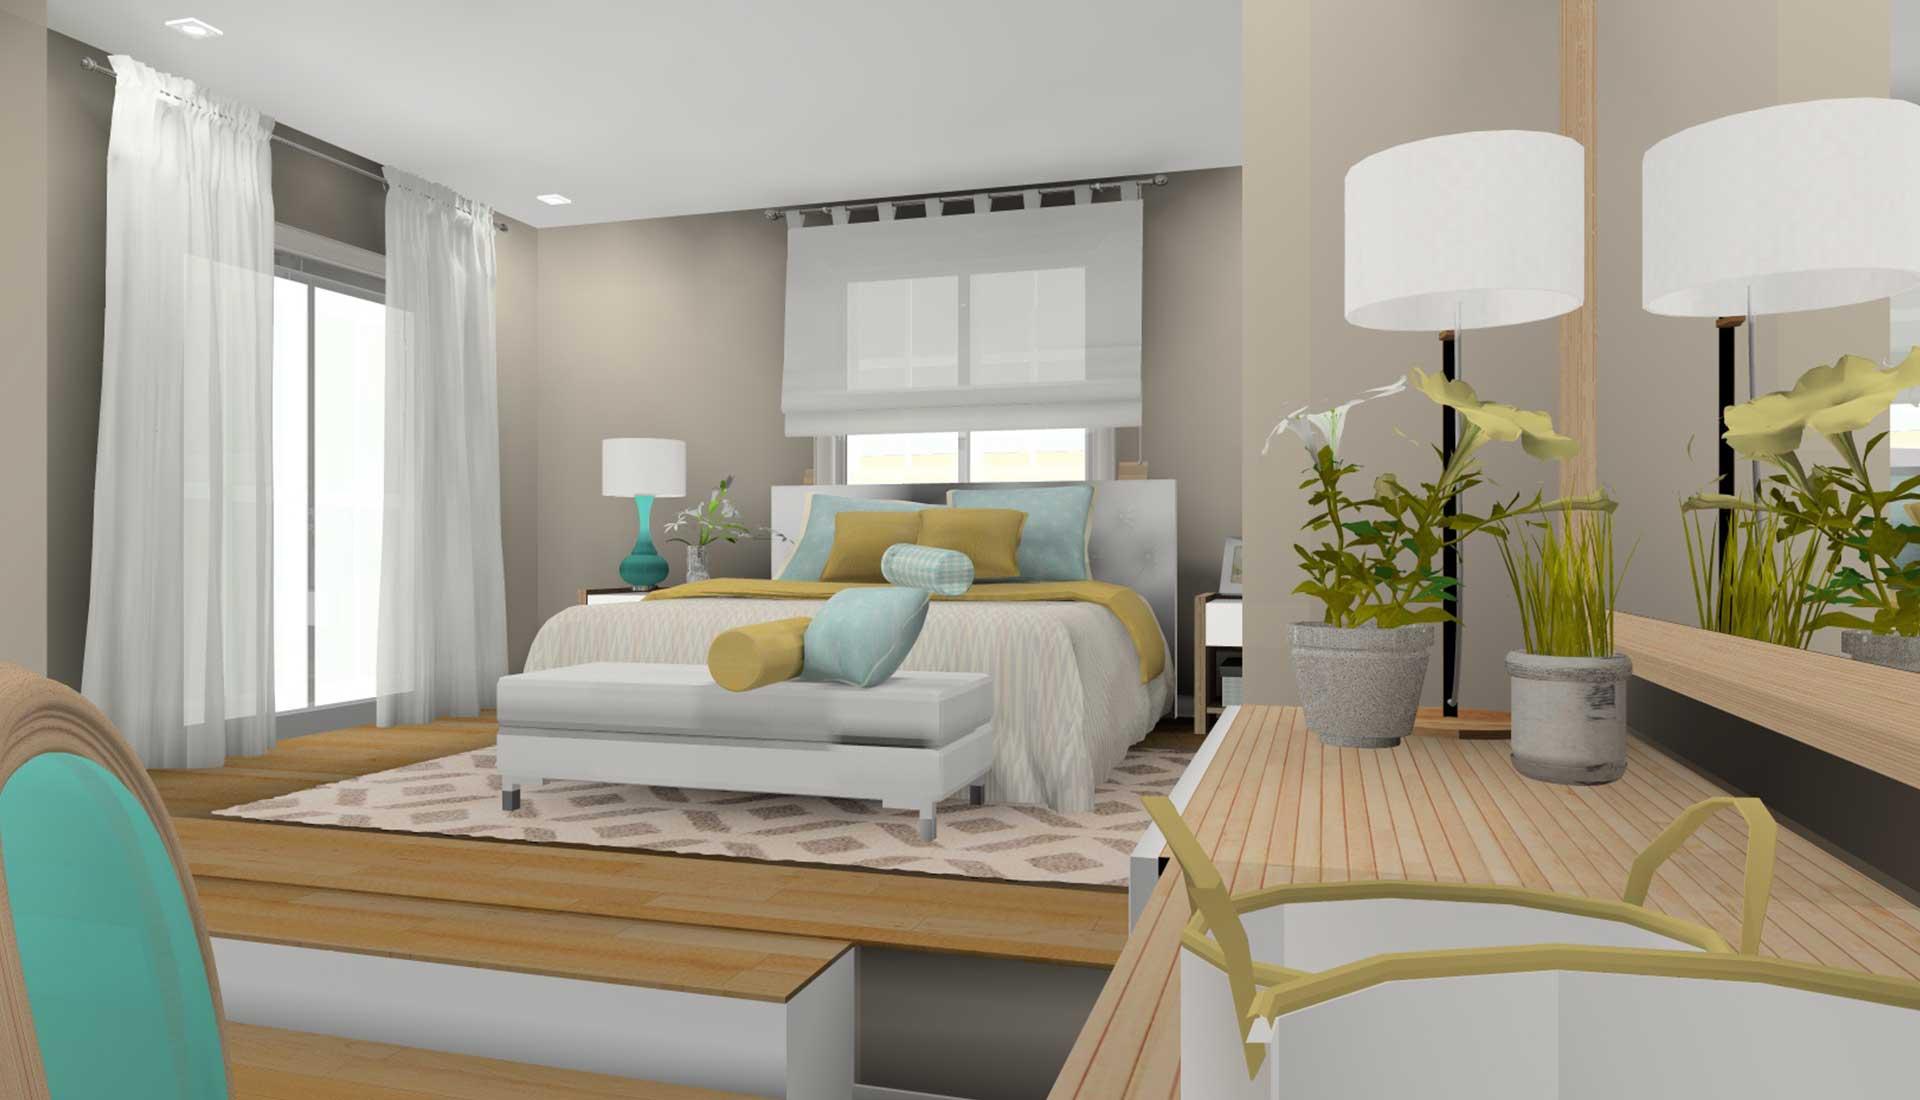 Decoracion de Interiores las tablas dormitorio